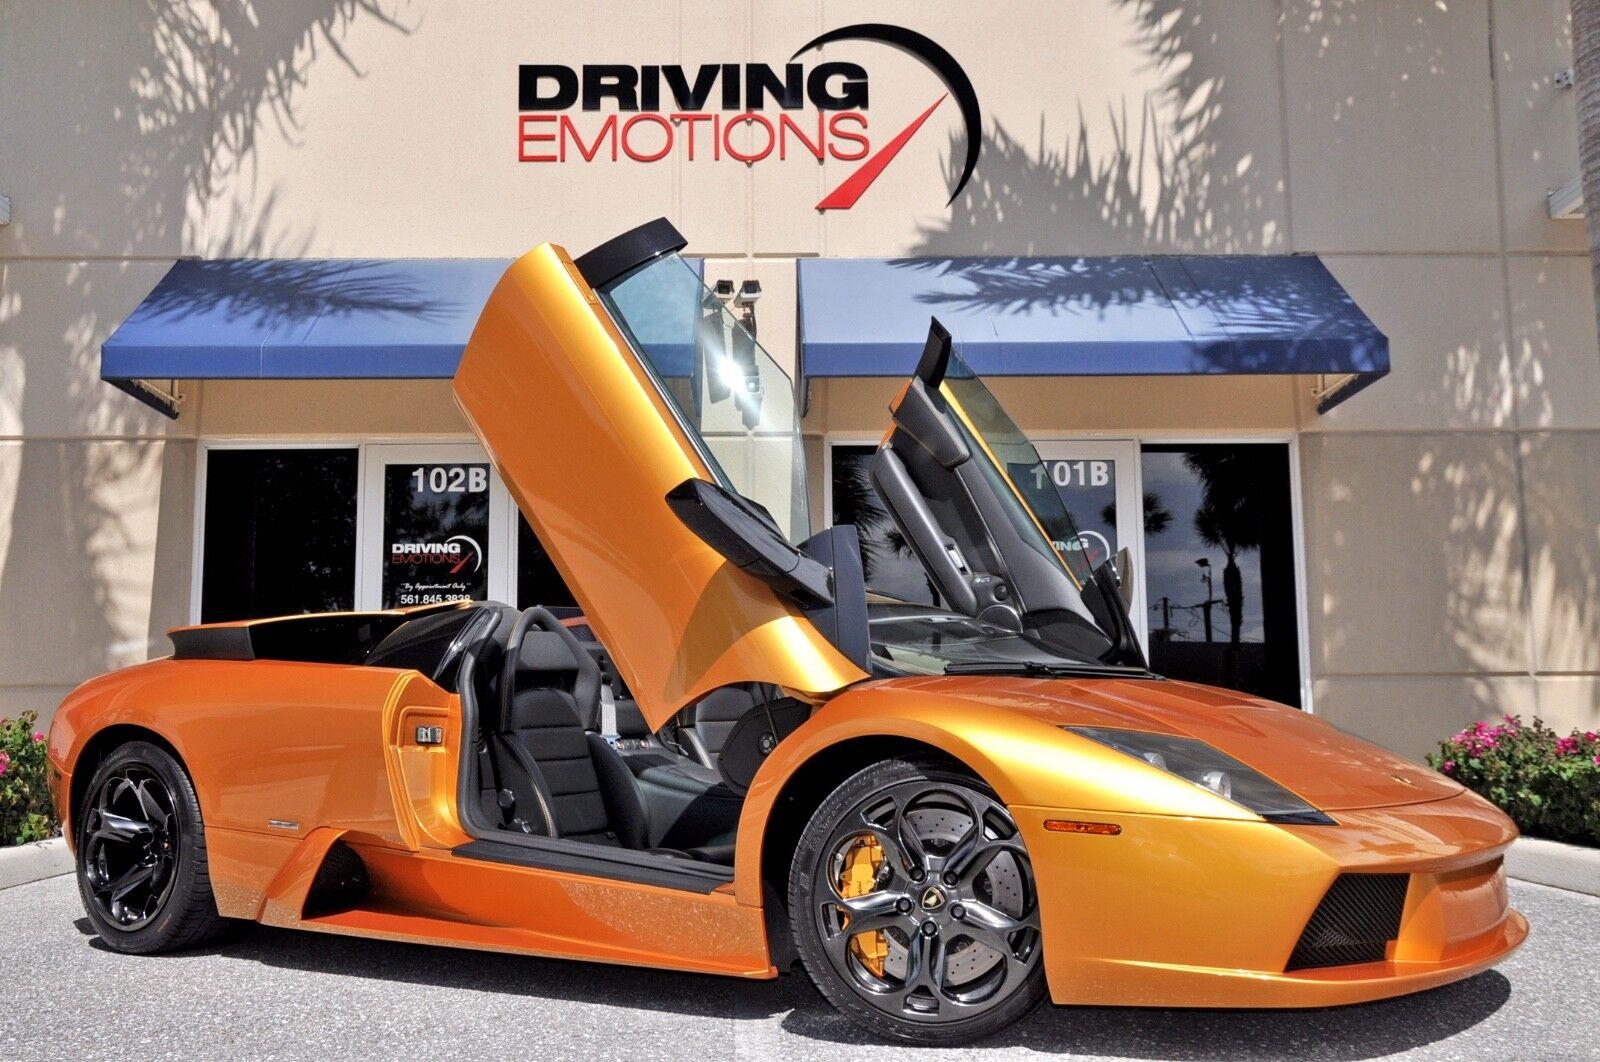 2005 Lamborghini Murcielago Roadster 2005 LAMBORGHINI MURCIELAGO ROADSTER! ORO ADONIS! E-GEAR! RARE COLOR! LOW MILES!